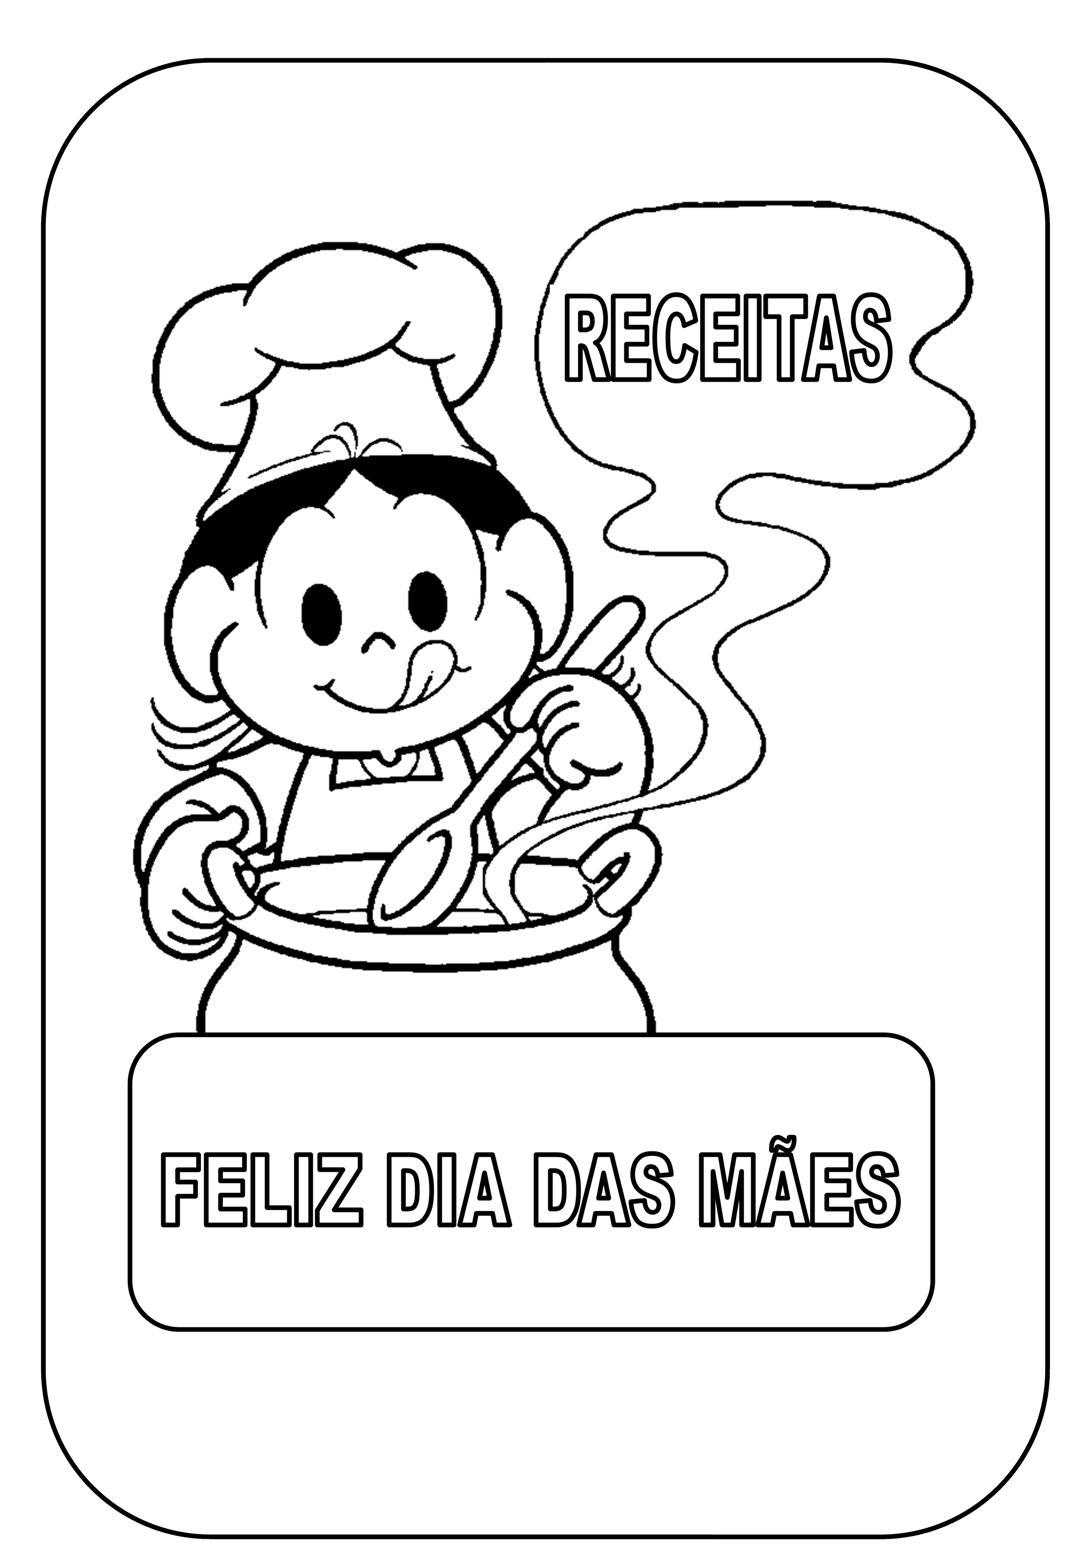 Livro de receitas - Dia das mães